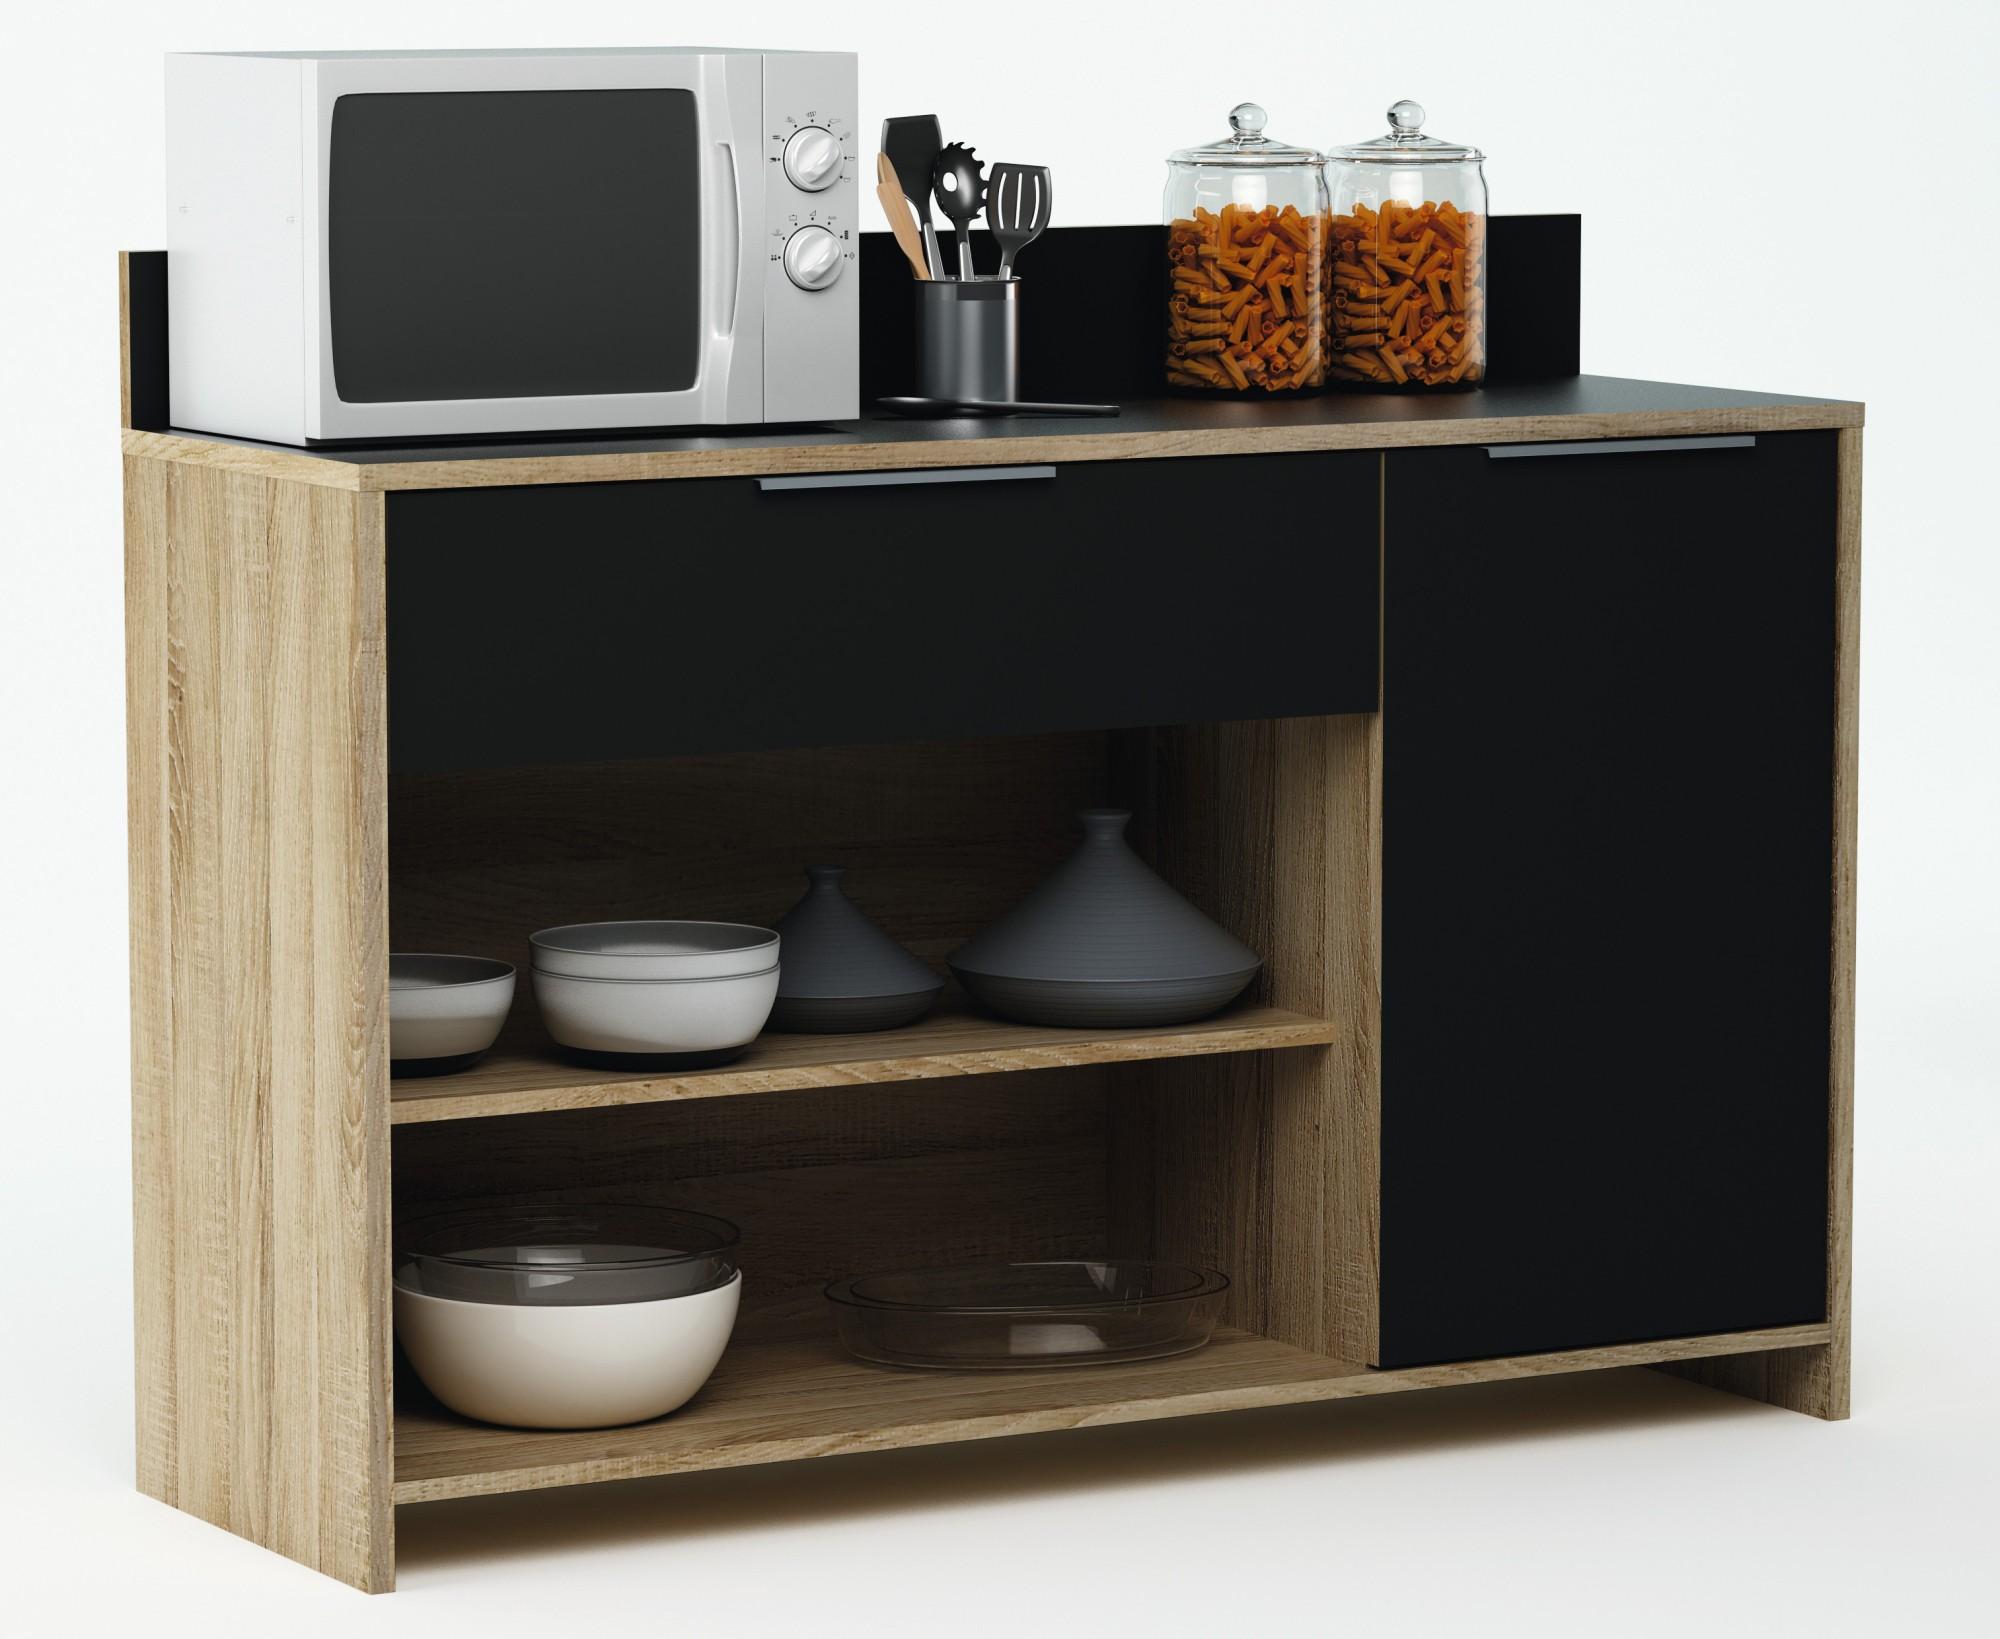 Achat porte de cuisine maison et mobilier d 39 int rieur for Porte meuble de cuisine